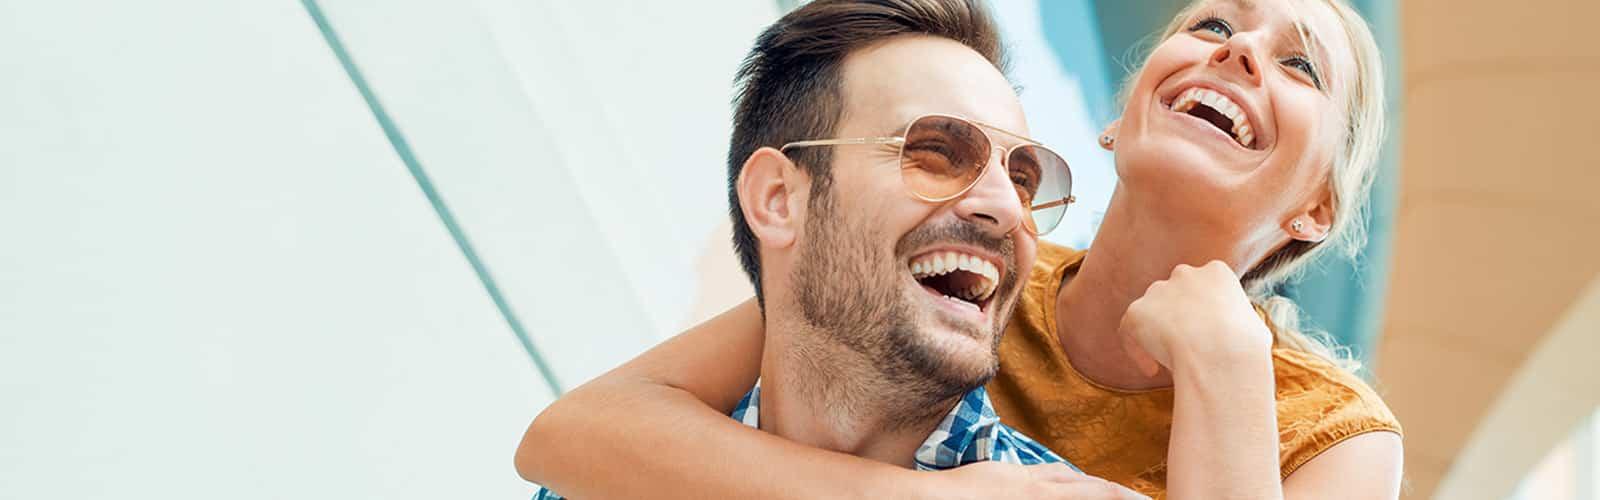 treffen an flirt zufällig frau die fragen mann  Mann zufällig treffen - rated online dating. Mann zufällig treffen - rated online dating.